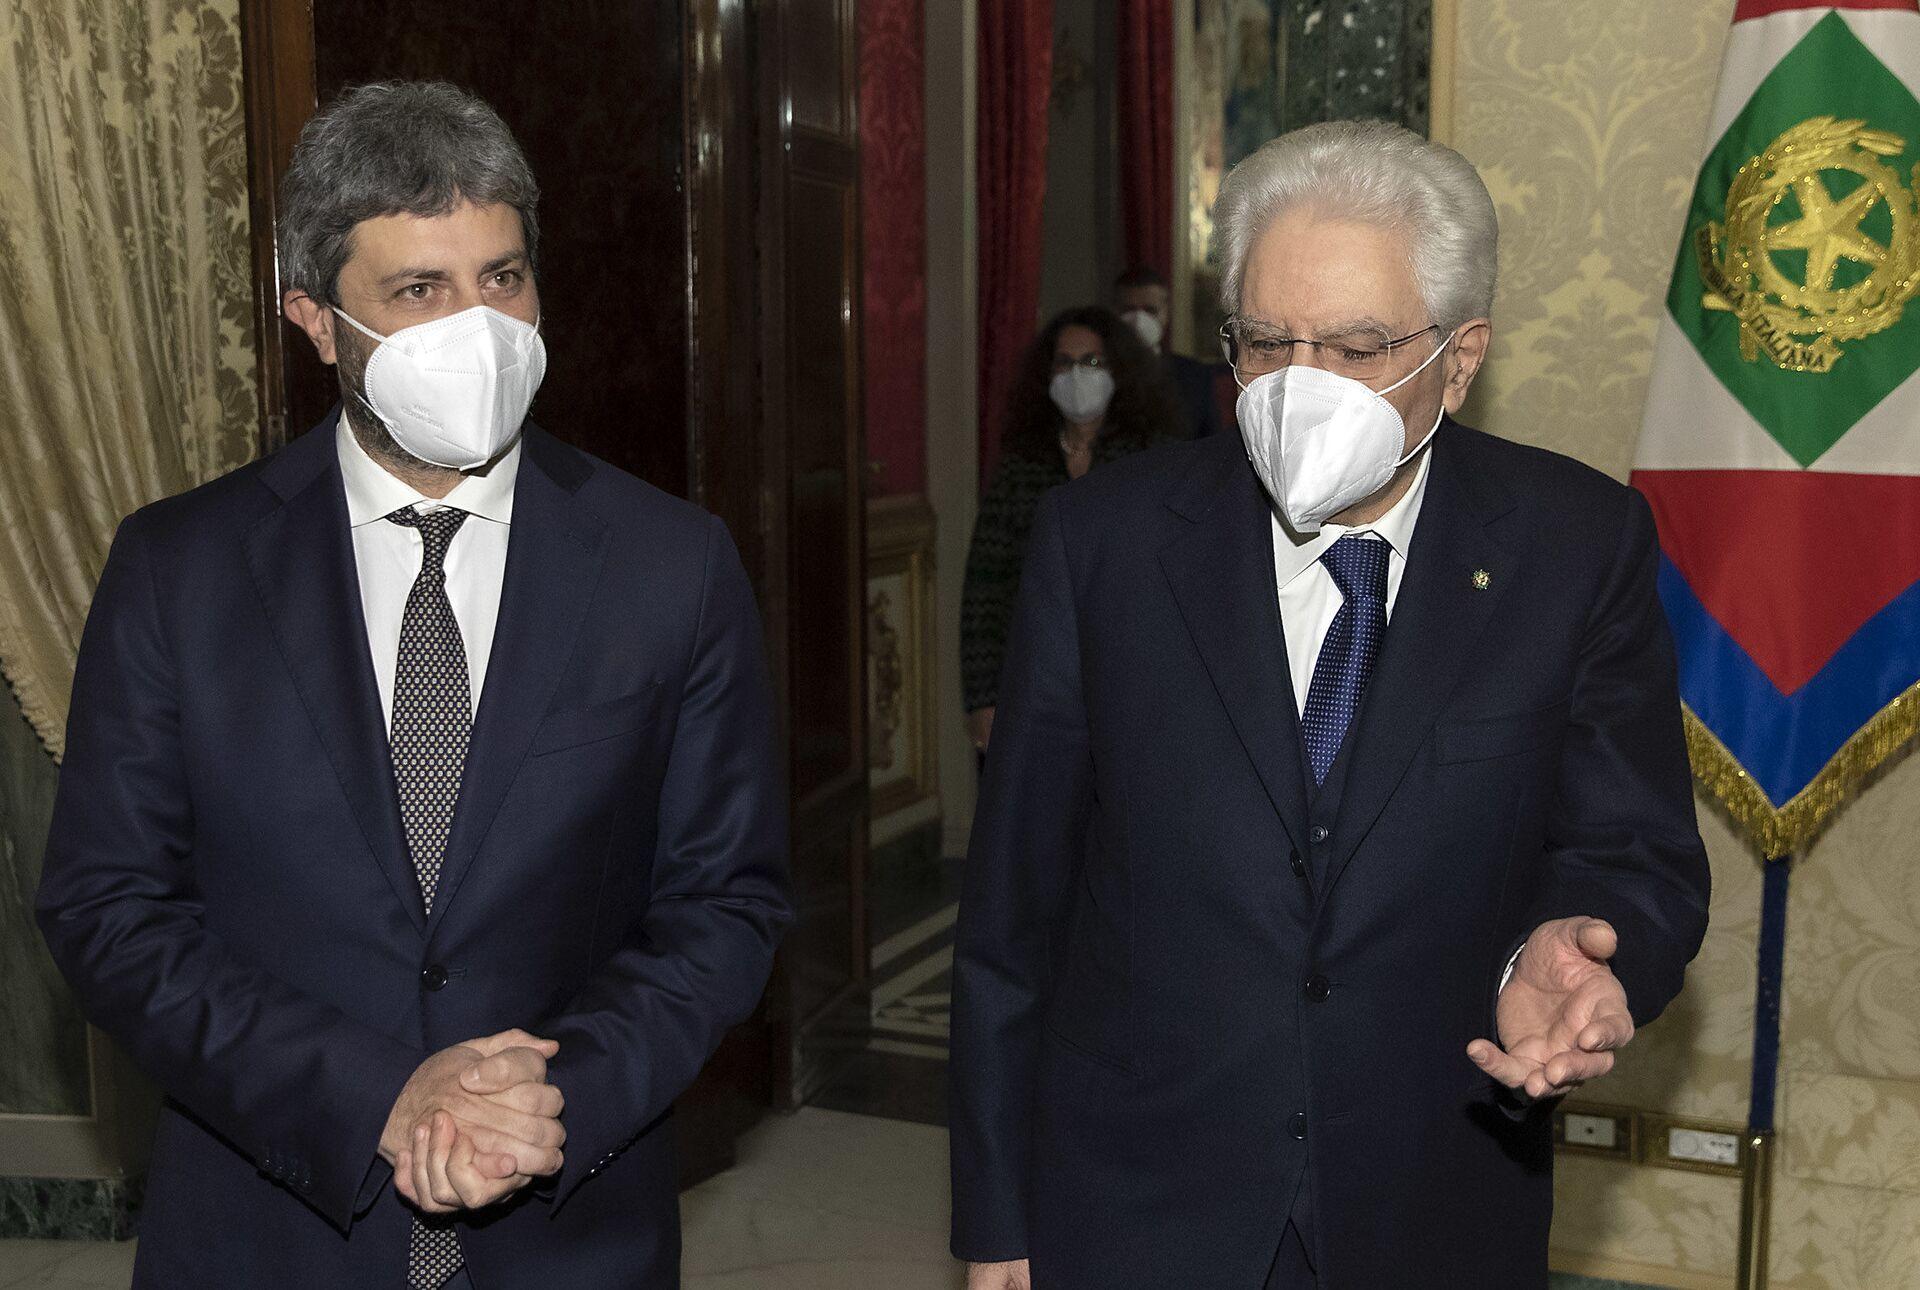 Mattarella: Appello per la fiducia a un esecutivo istituzionale. Domani Draghi al Quirinale - Sputnik Italia, 1920, 02.02.2021